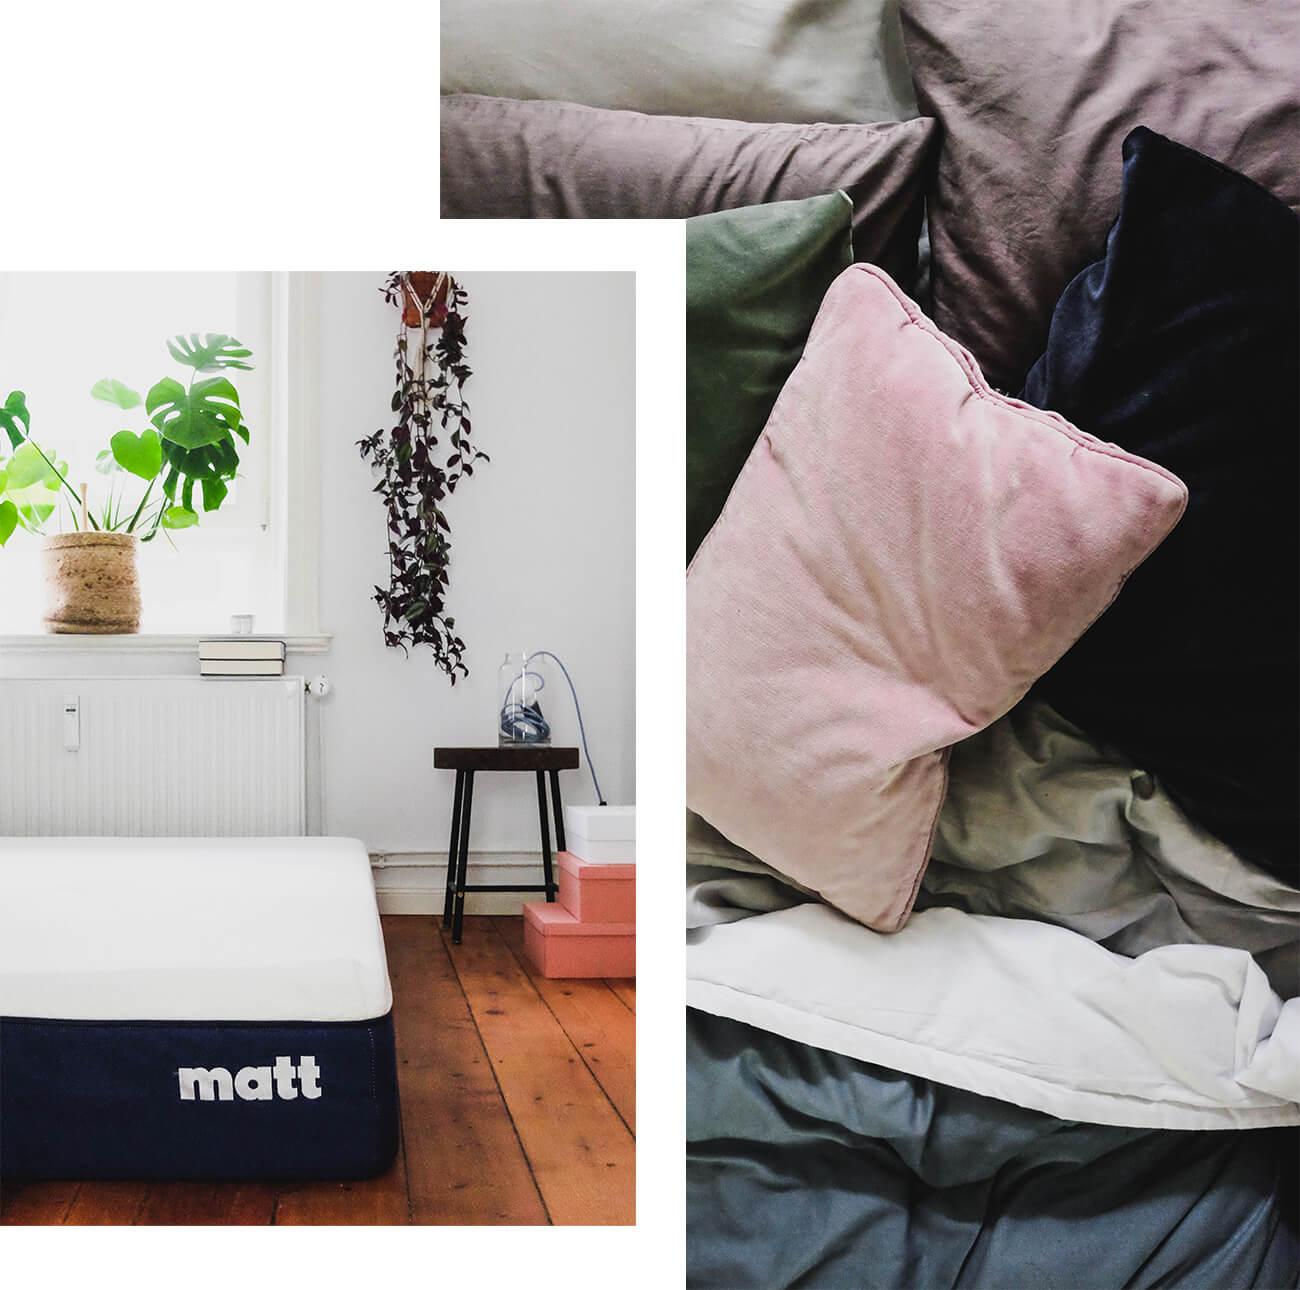 Favorit Interior / Besser schlafen: Ein Test mit der Matratze von Matt KU62